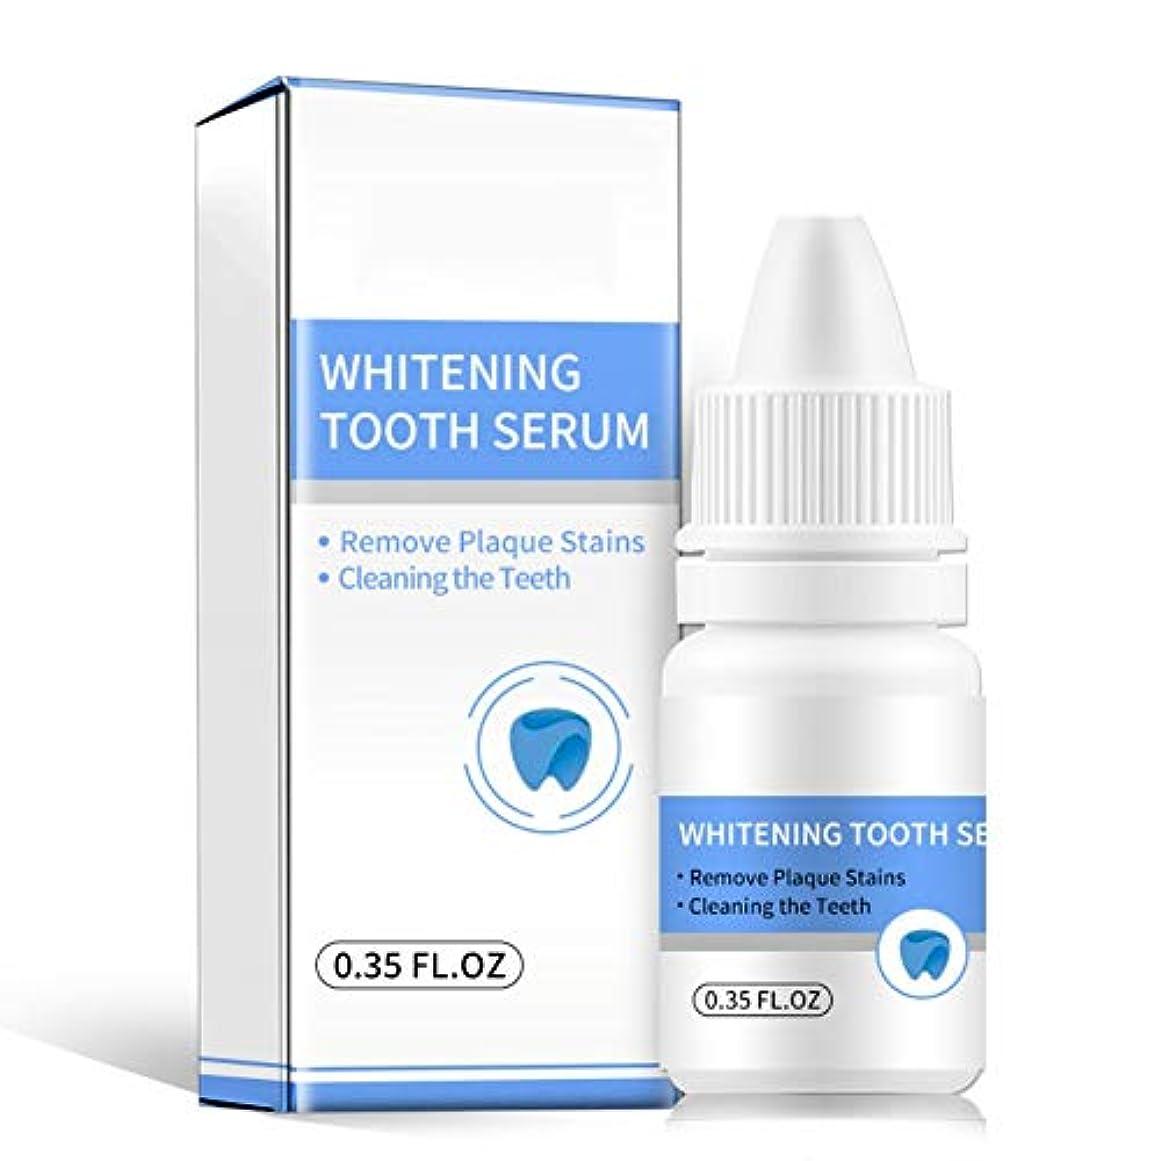 動員する広々とした傀儡ホワイトニングトゥースウォッシュ-感度なしで毎日使用する場合:歯科医が処方し、非毒性と認定